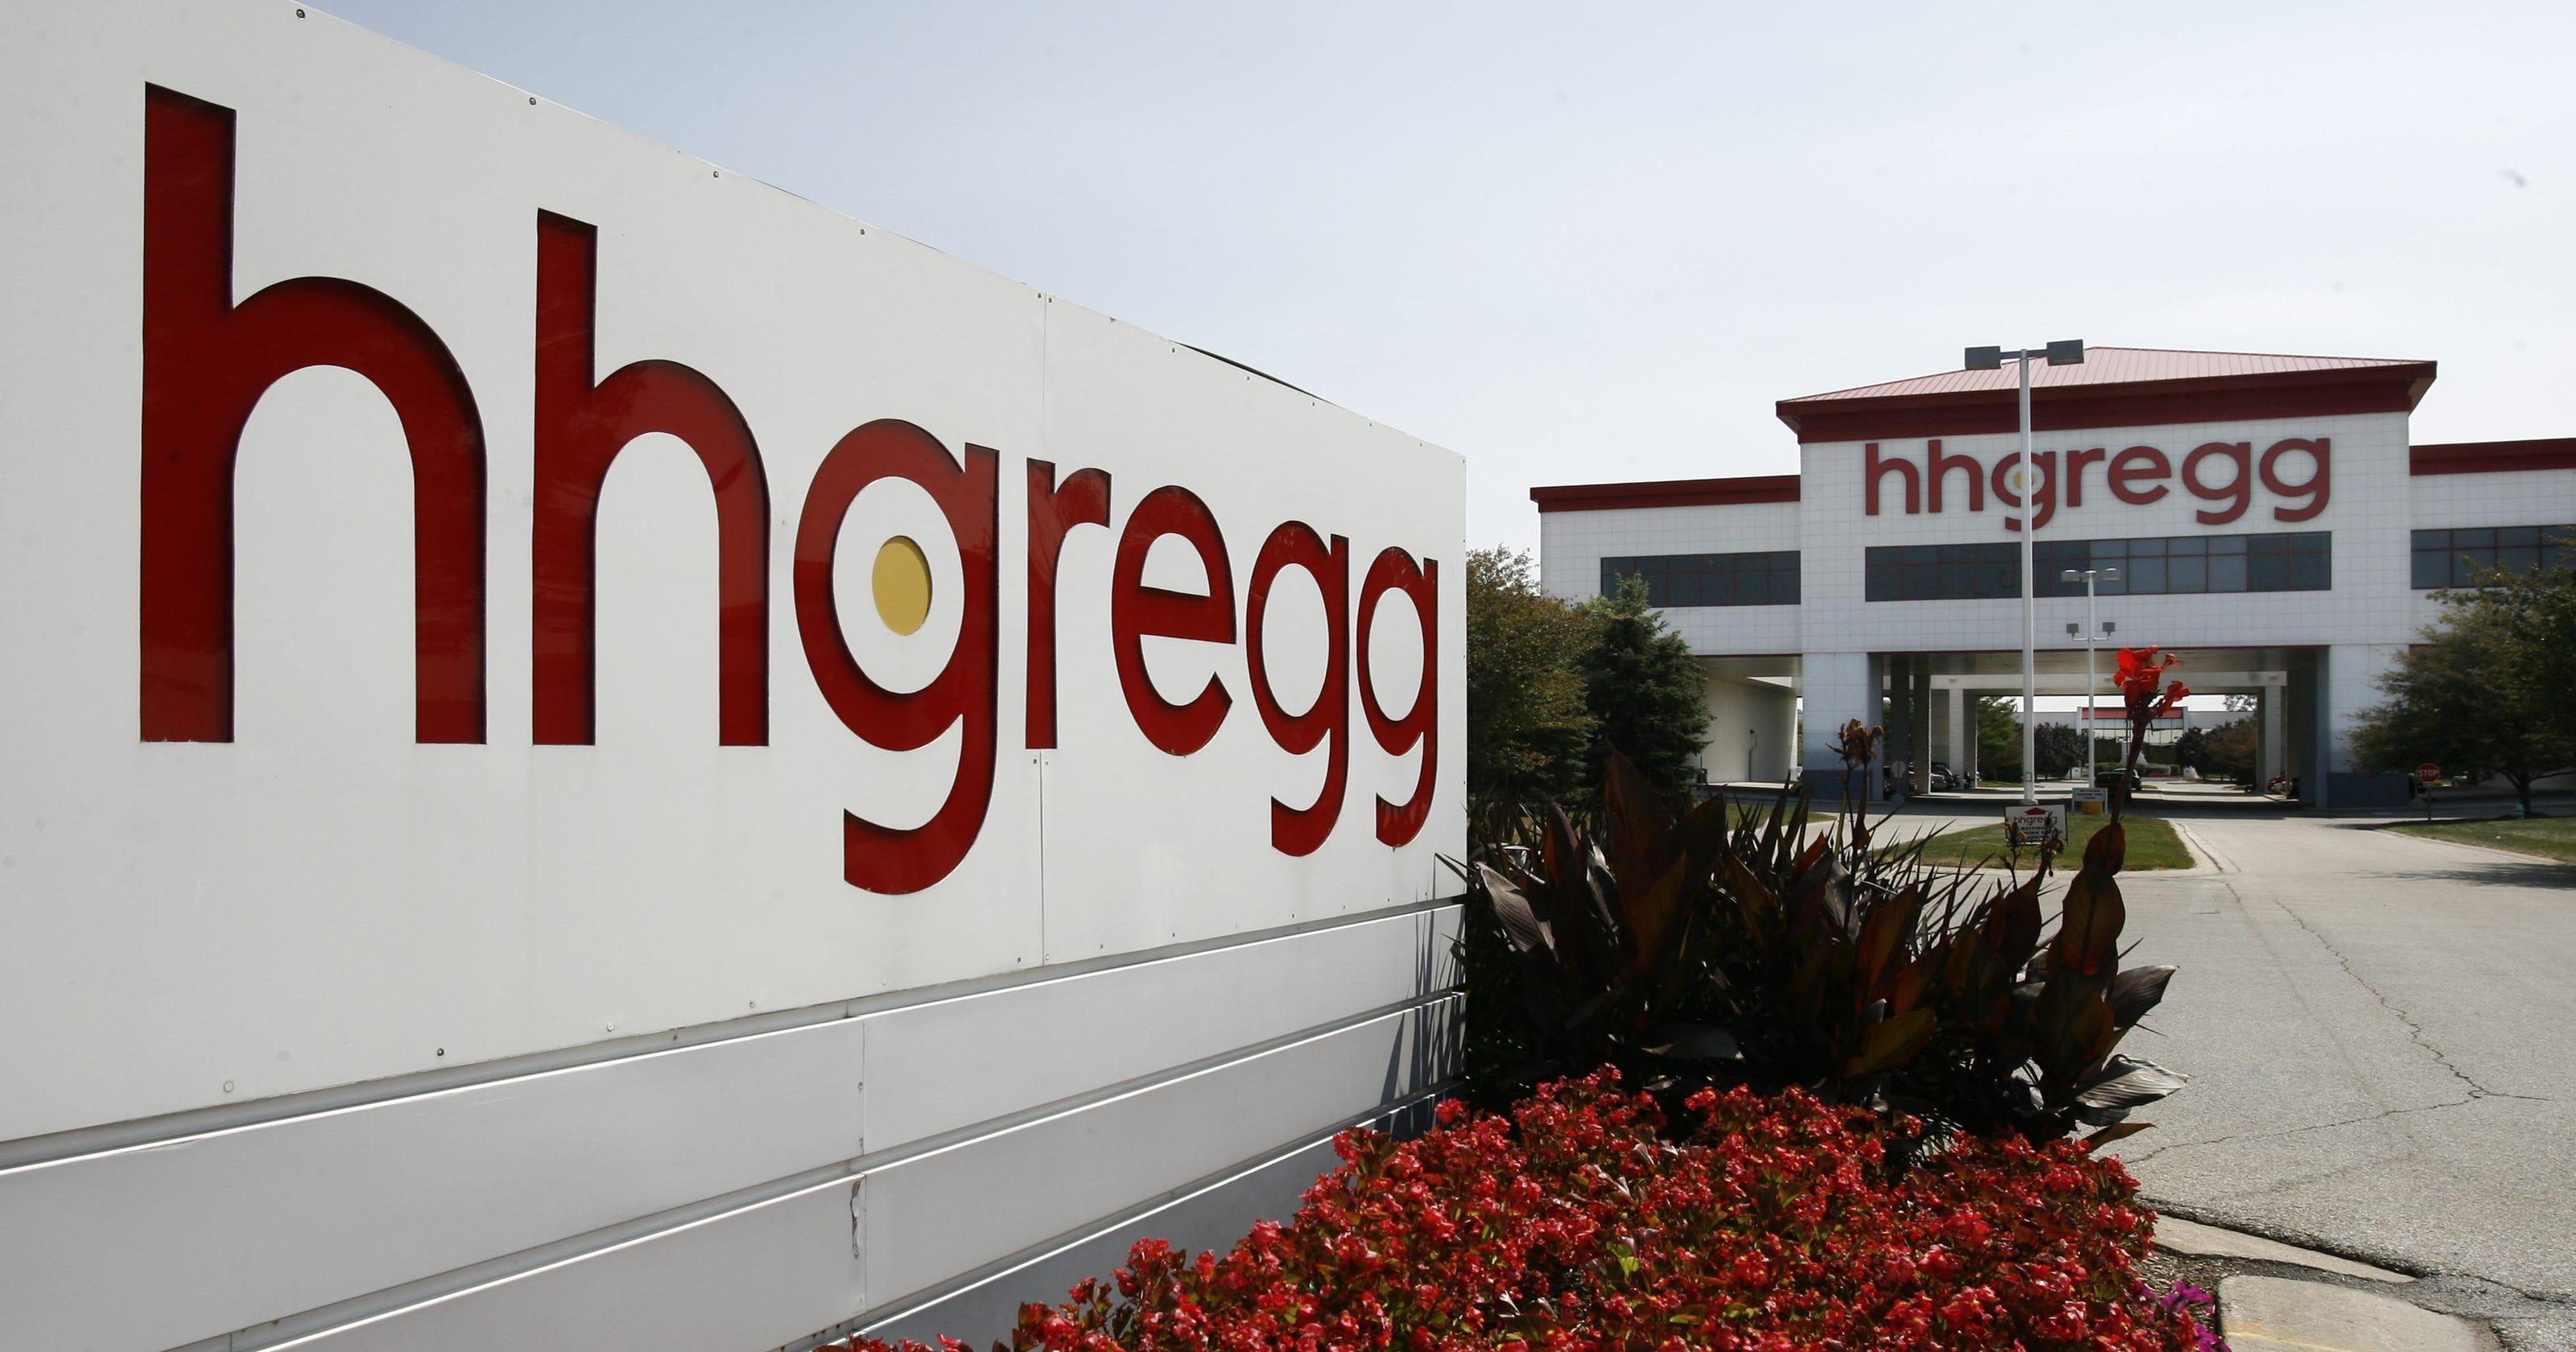 Hhgregg Closing 88 Stores Amid Bankruptcy Rumors